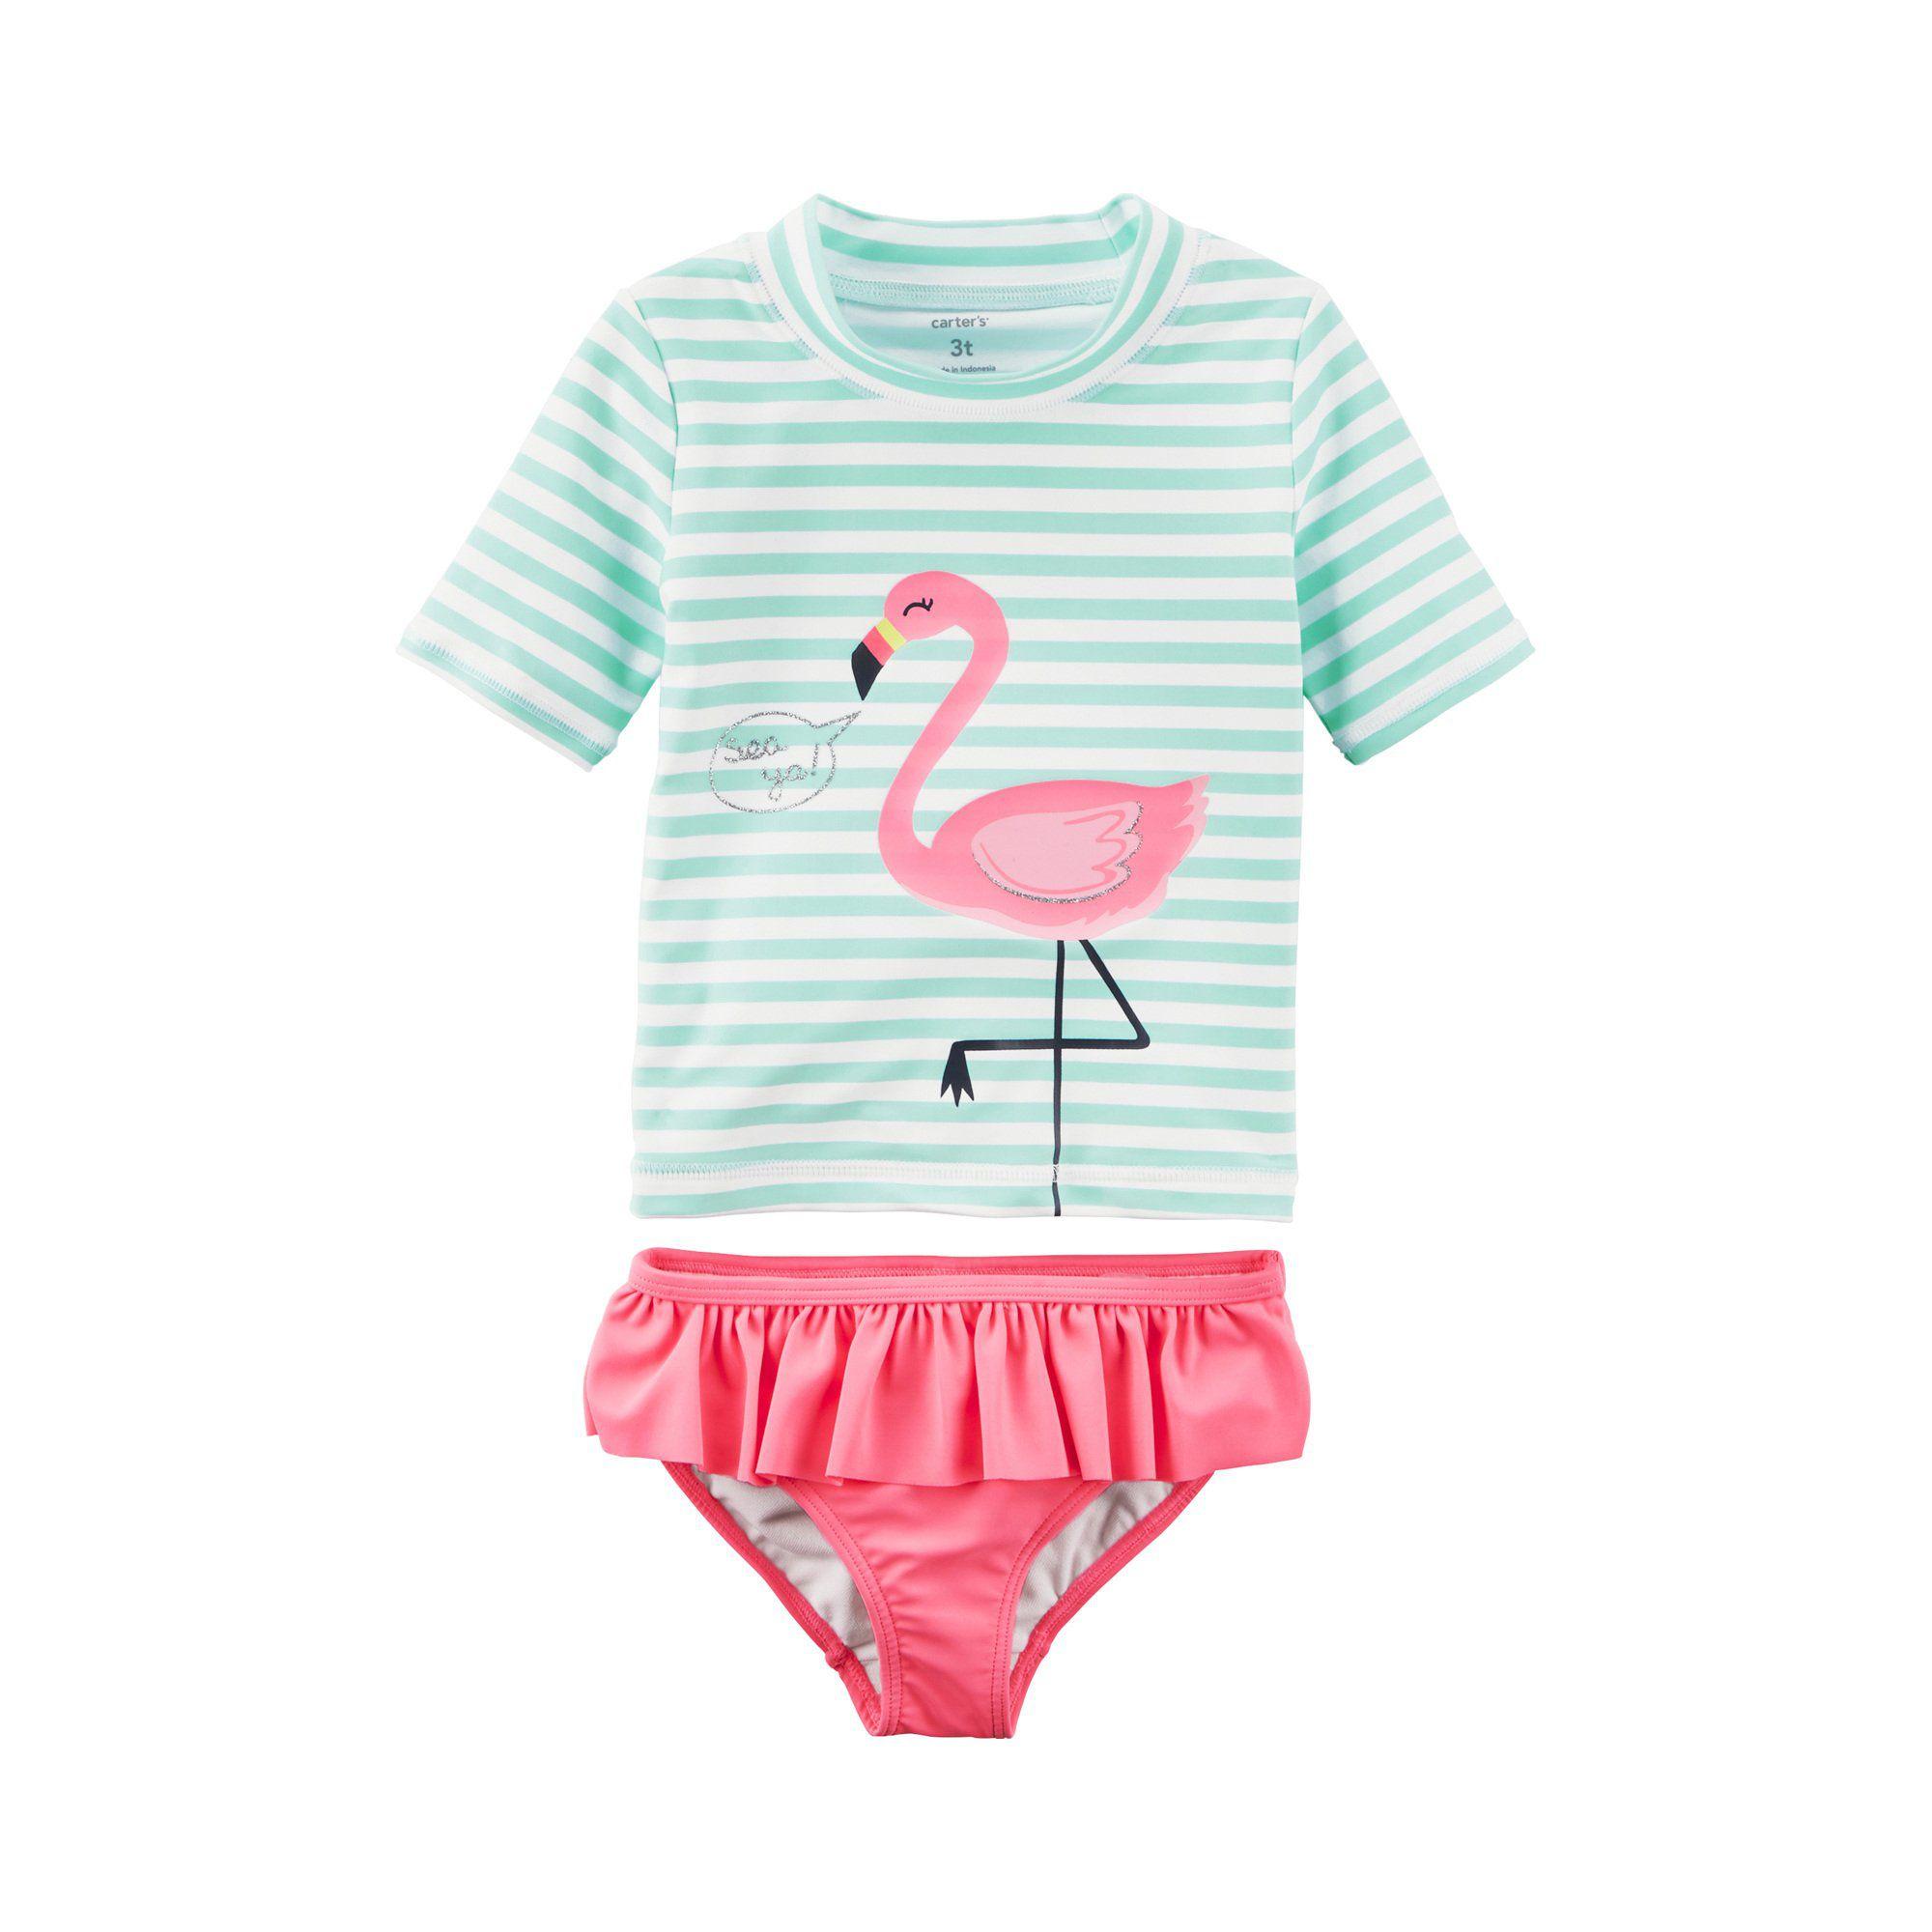 Kit Praia Carter's Flamingo